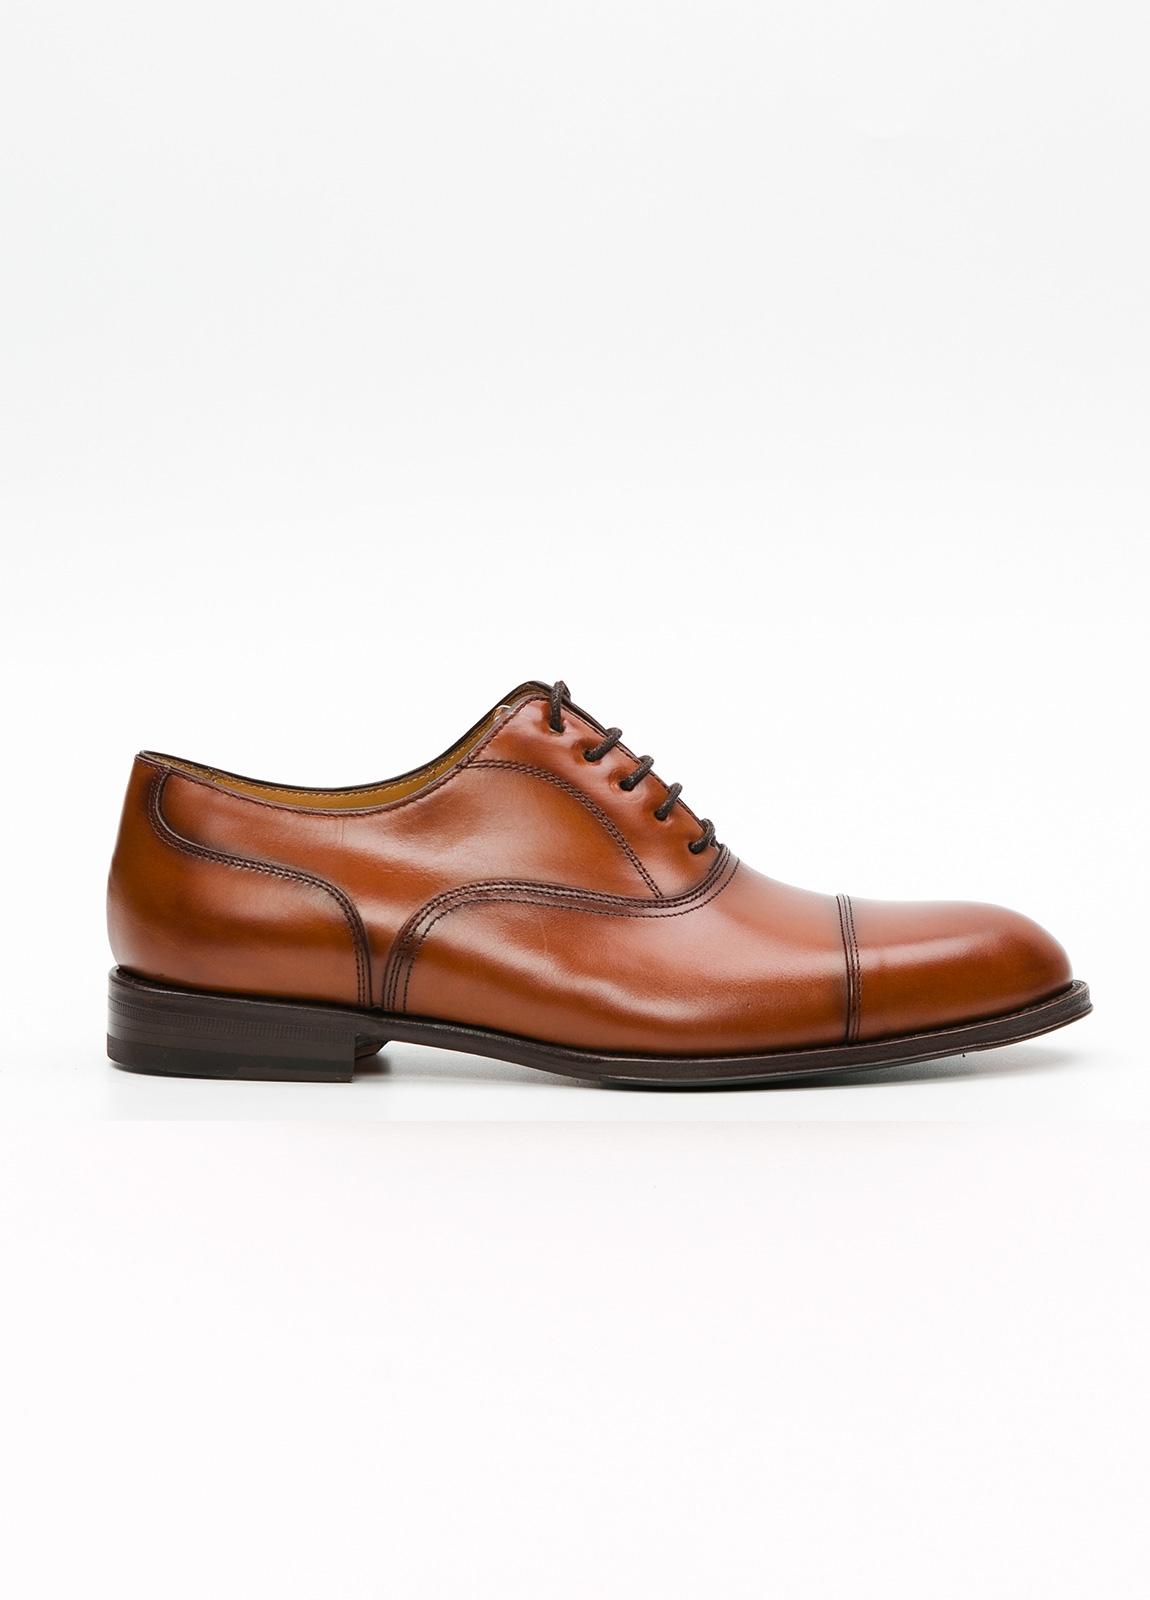 Zapato Formal Wear color marrón con cordones, 100% Piel.